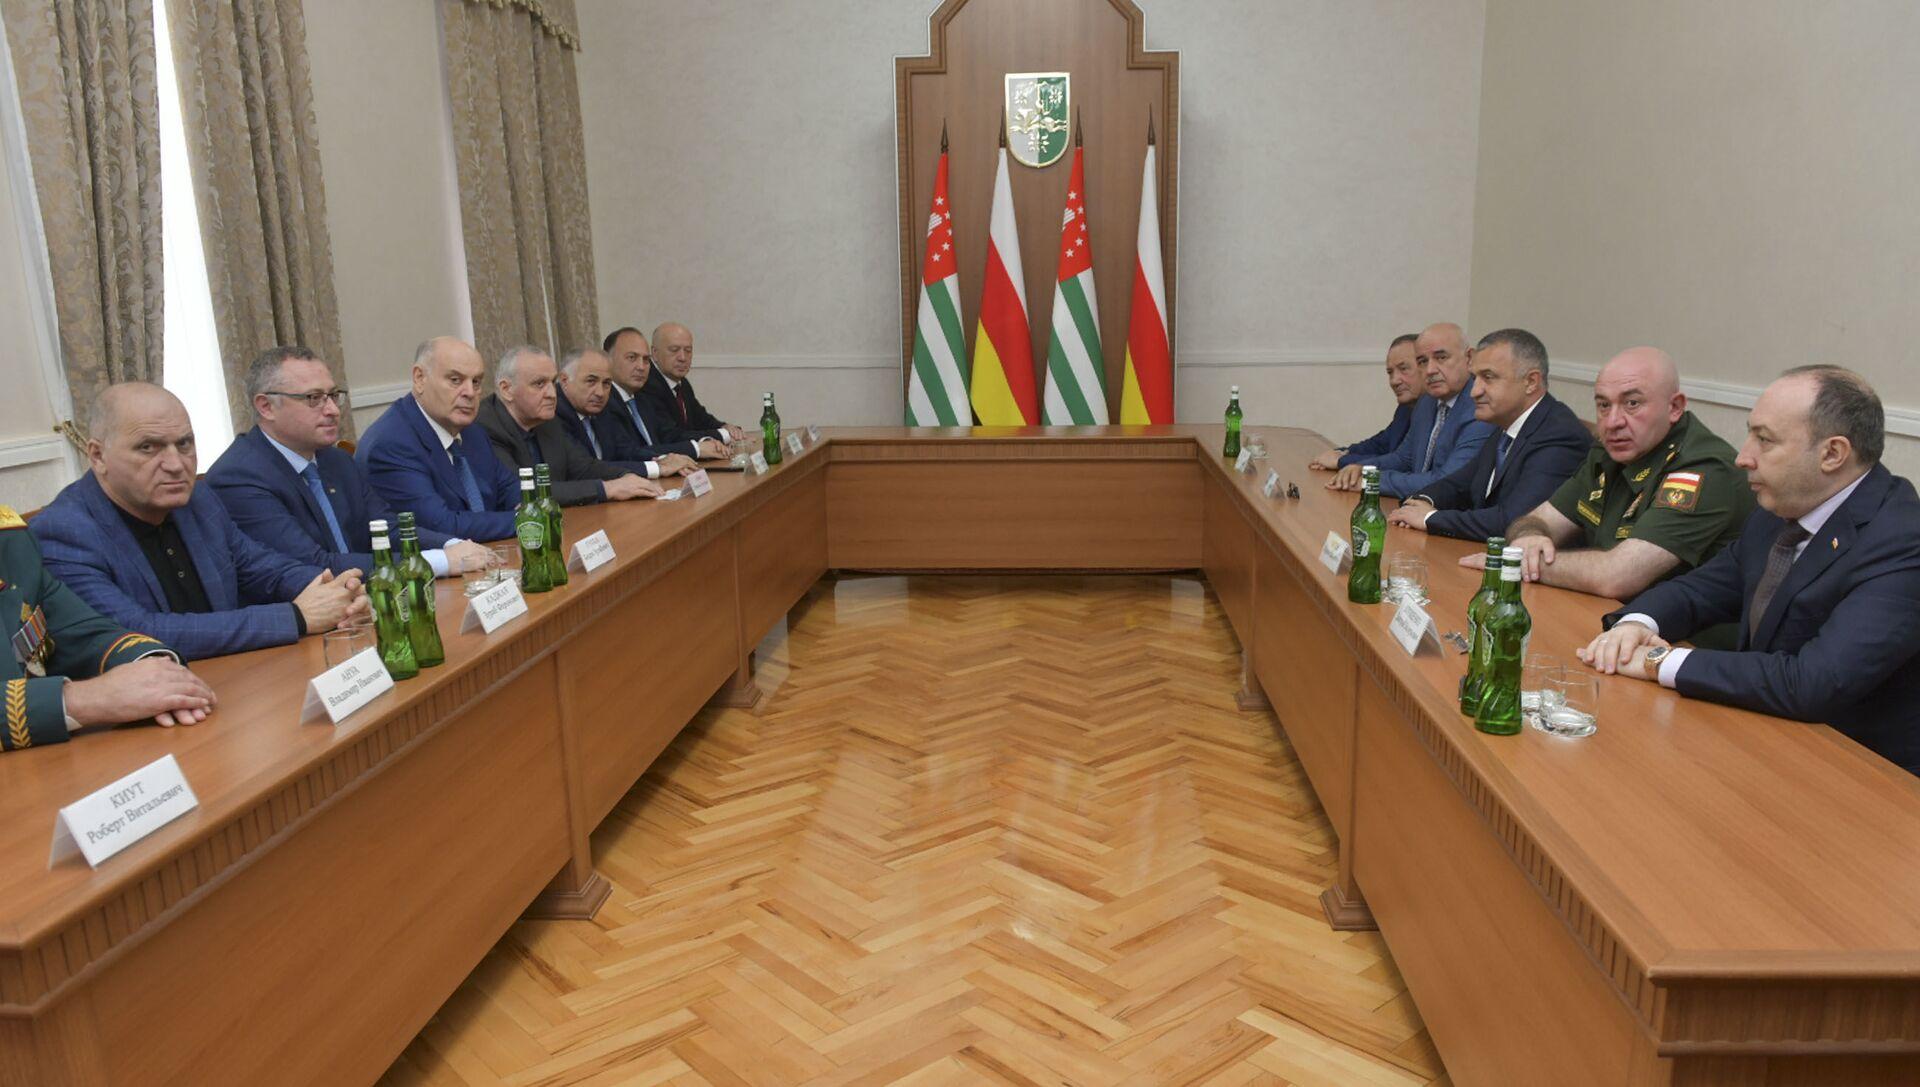 Состоялась расширенная встреча с участием глав ведомств Абхазии и Южной Осетии - Sputnik Абхазия, 1920, 30.09.2021